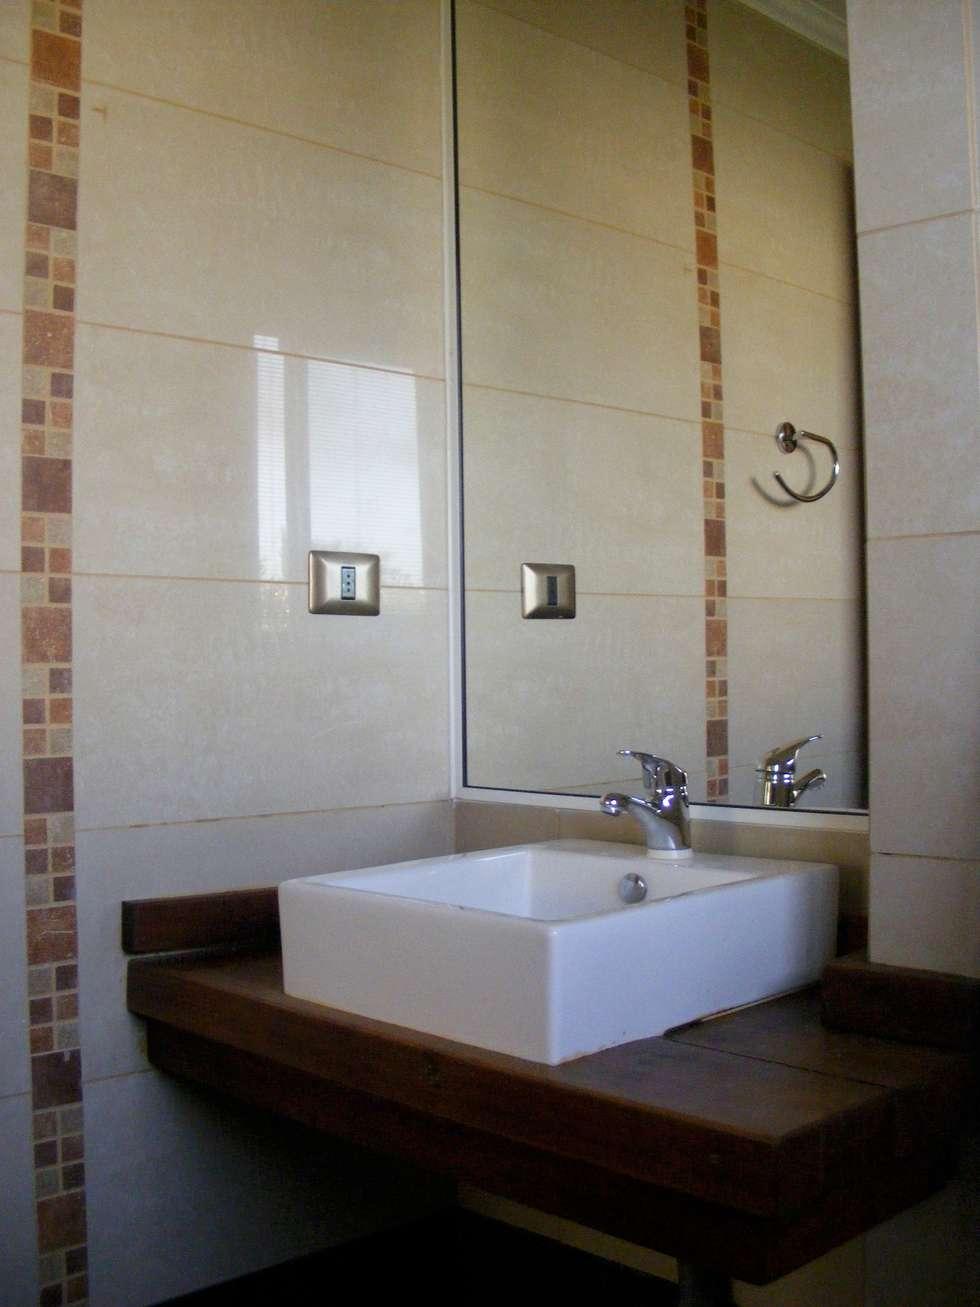 Baño Dormitorio 2: Baños de estilo colonial por Casabella